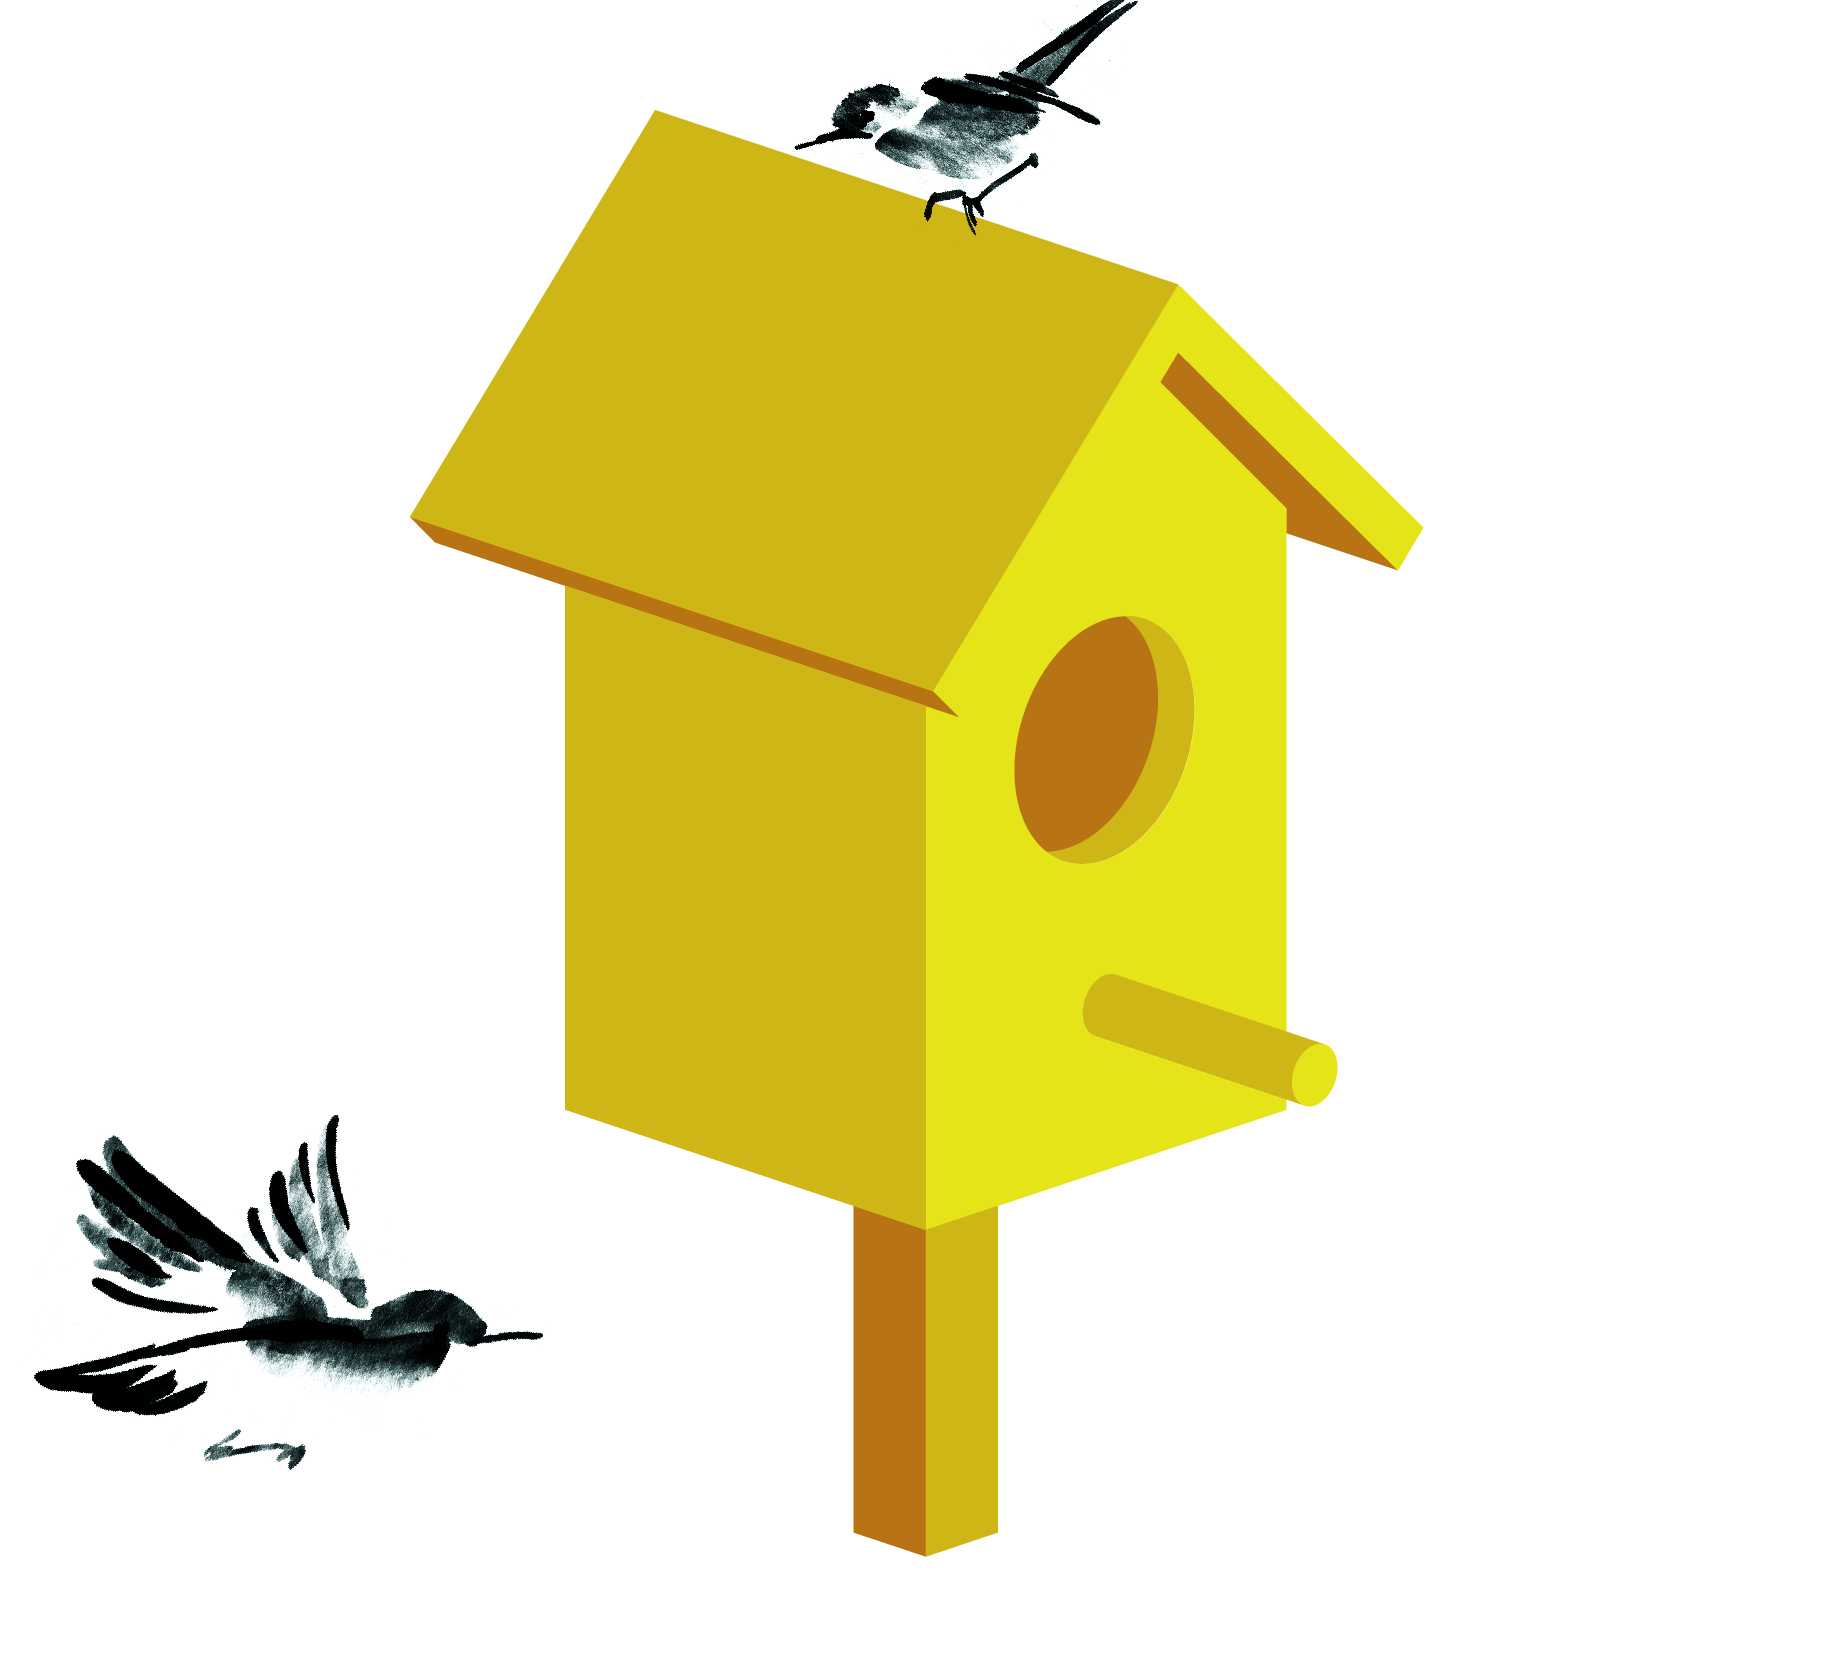 birdbox animation again-08.jpg